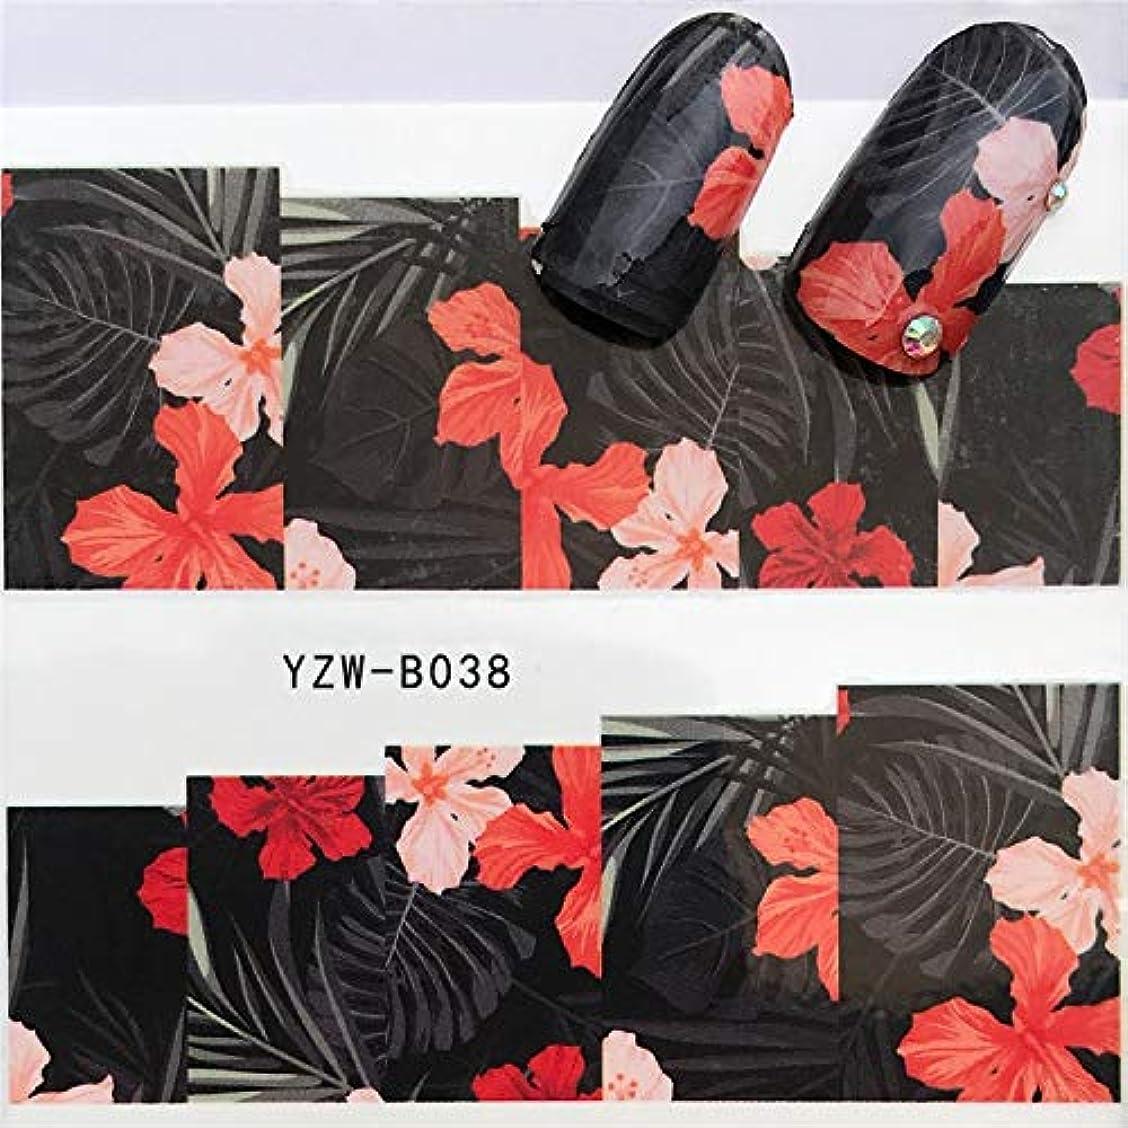 マウントバンクピーブセマフォビューティー&パーソナルケア 3個ネイルステッカーセットデカール水転写スライダーネイルアートデコレーション、色:YZWB038 ステッカー&デカール